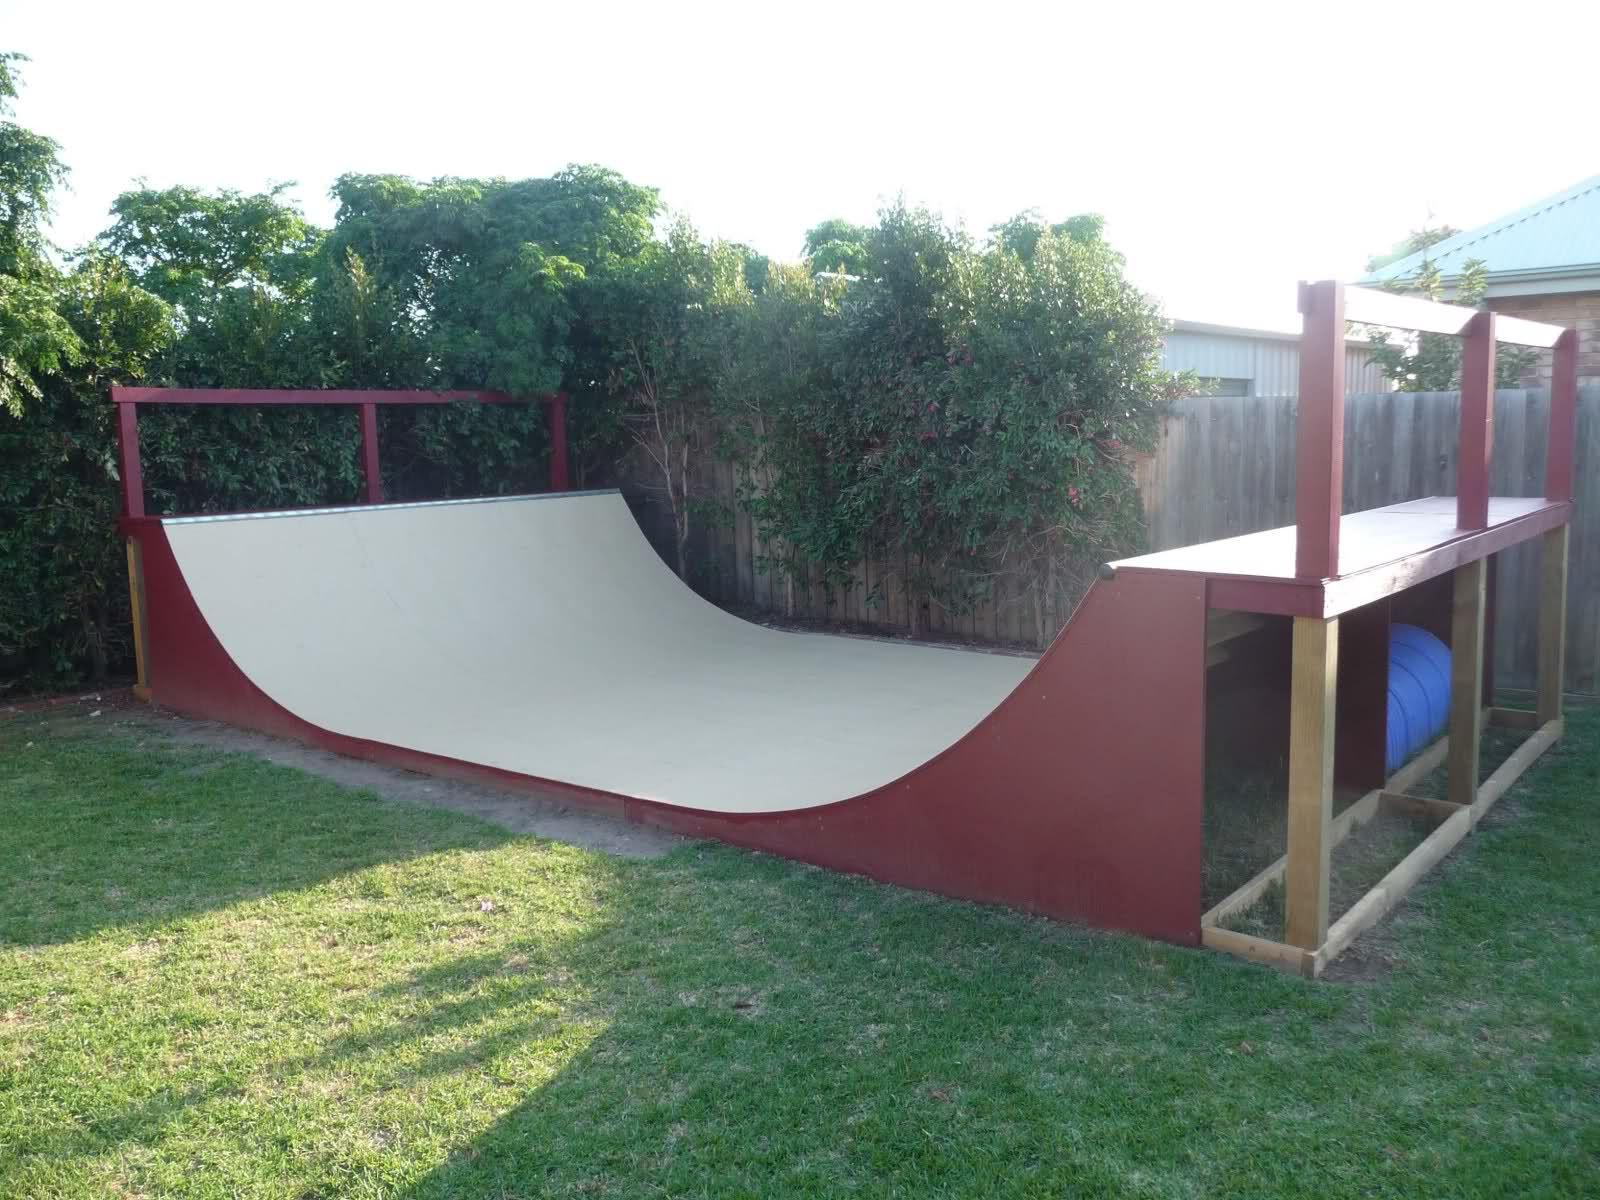 painted ramp skateordie pinterest